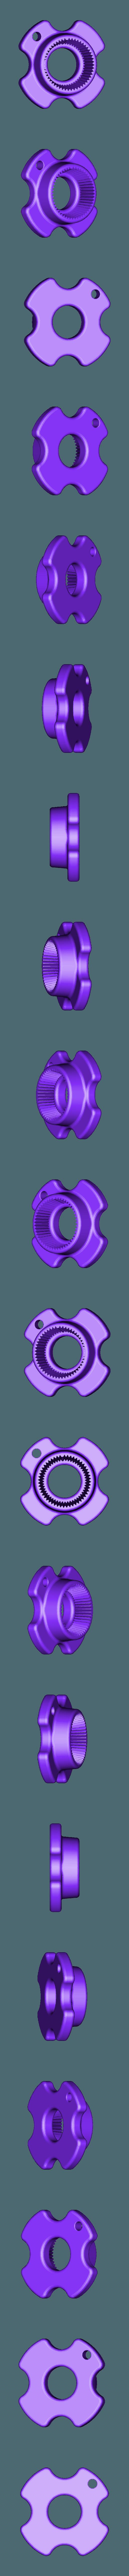 apri_tappi.stl Télécharger fichier STL gratuit Ouvre-bouchons en plastique • Plan imprimable en 3D, volpiclaudio